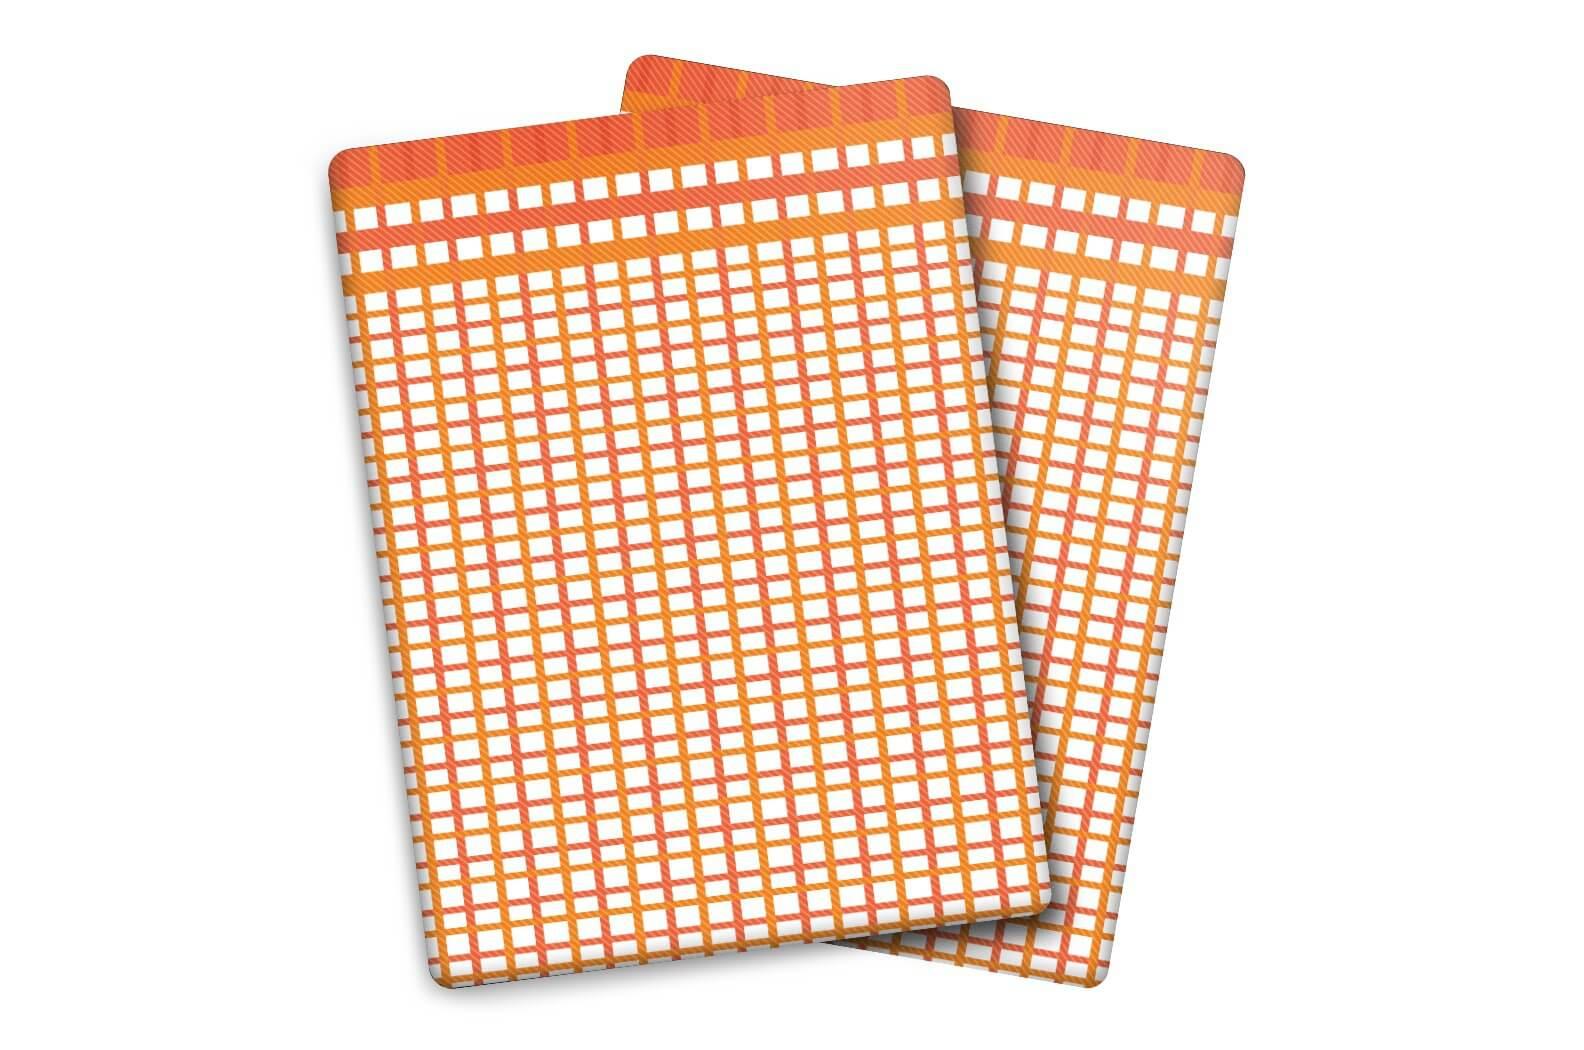 Utěrky Bambus malá kostka oranž-červená – 3 ks v balení